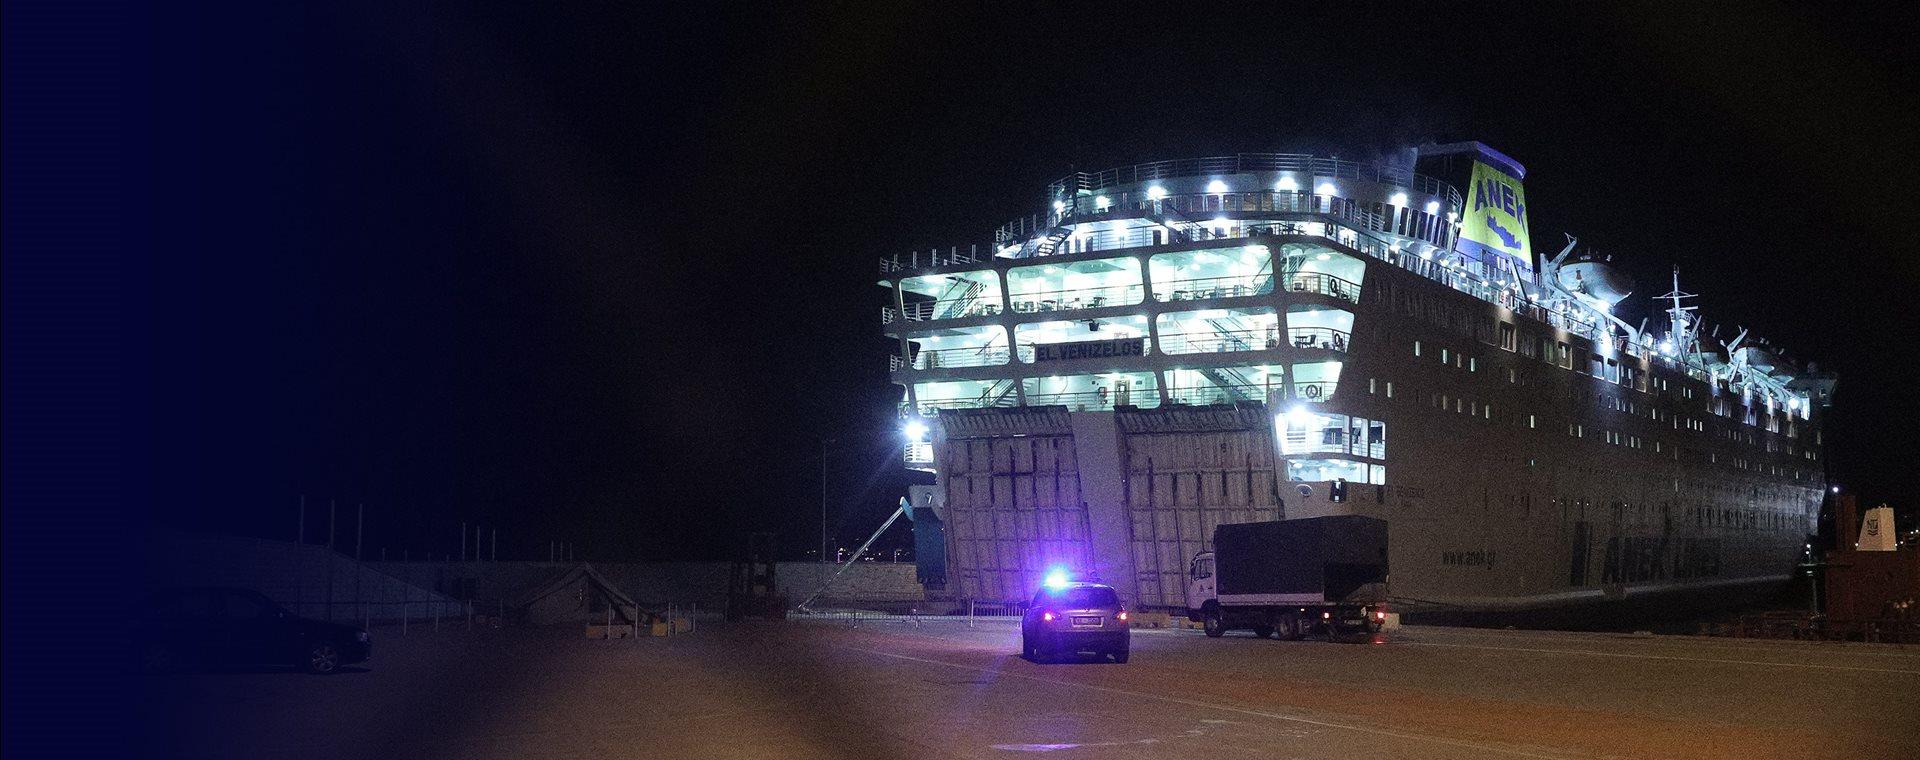 ev-piraeus-0